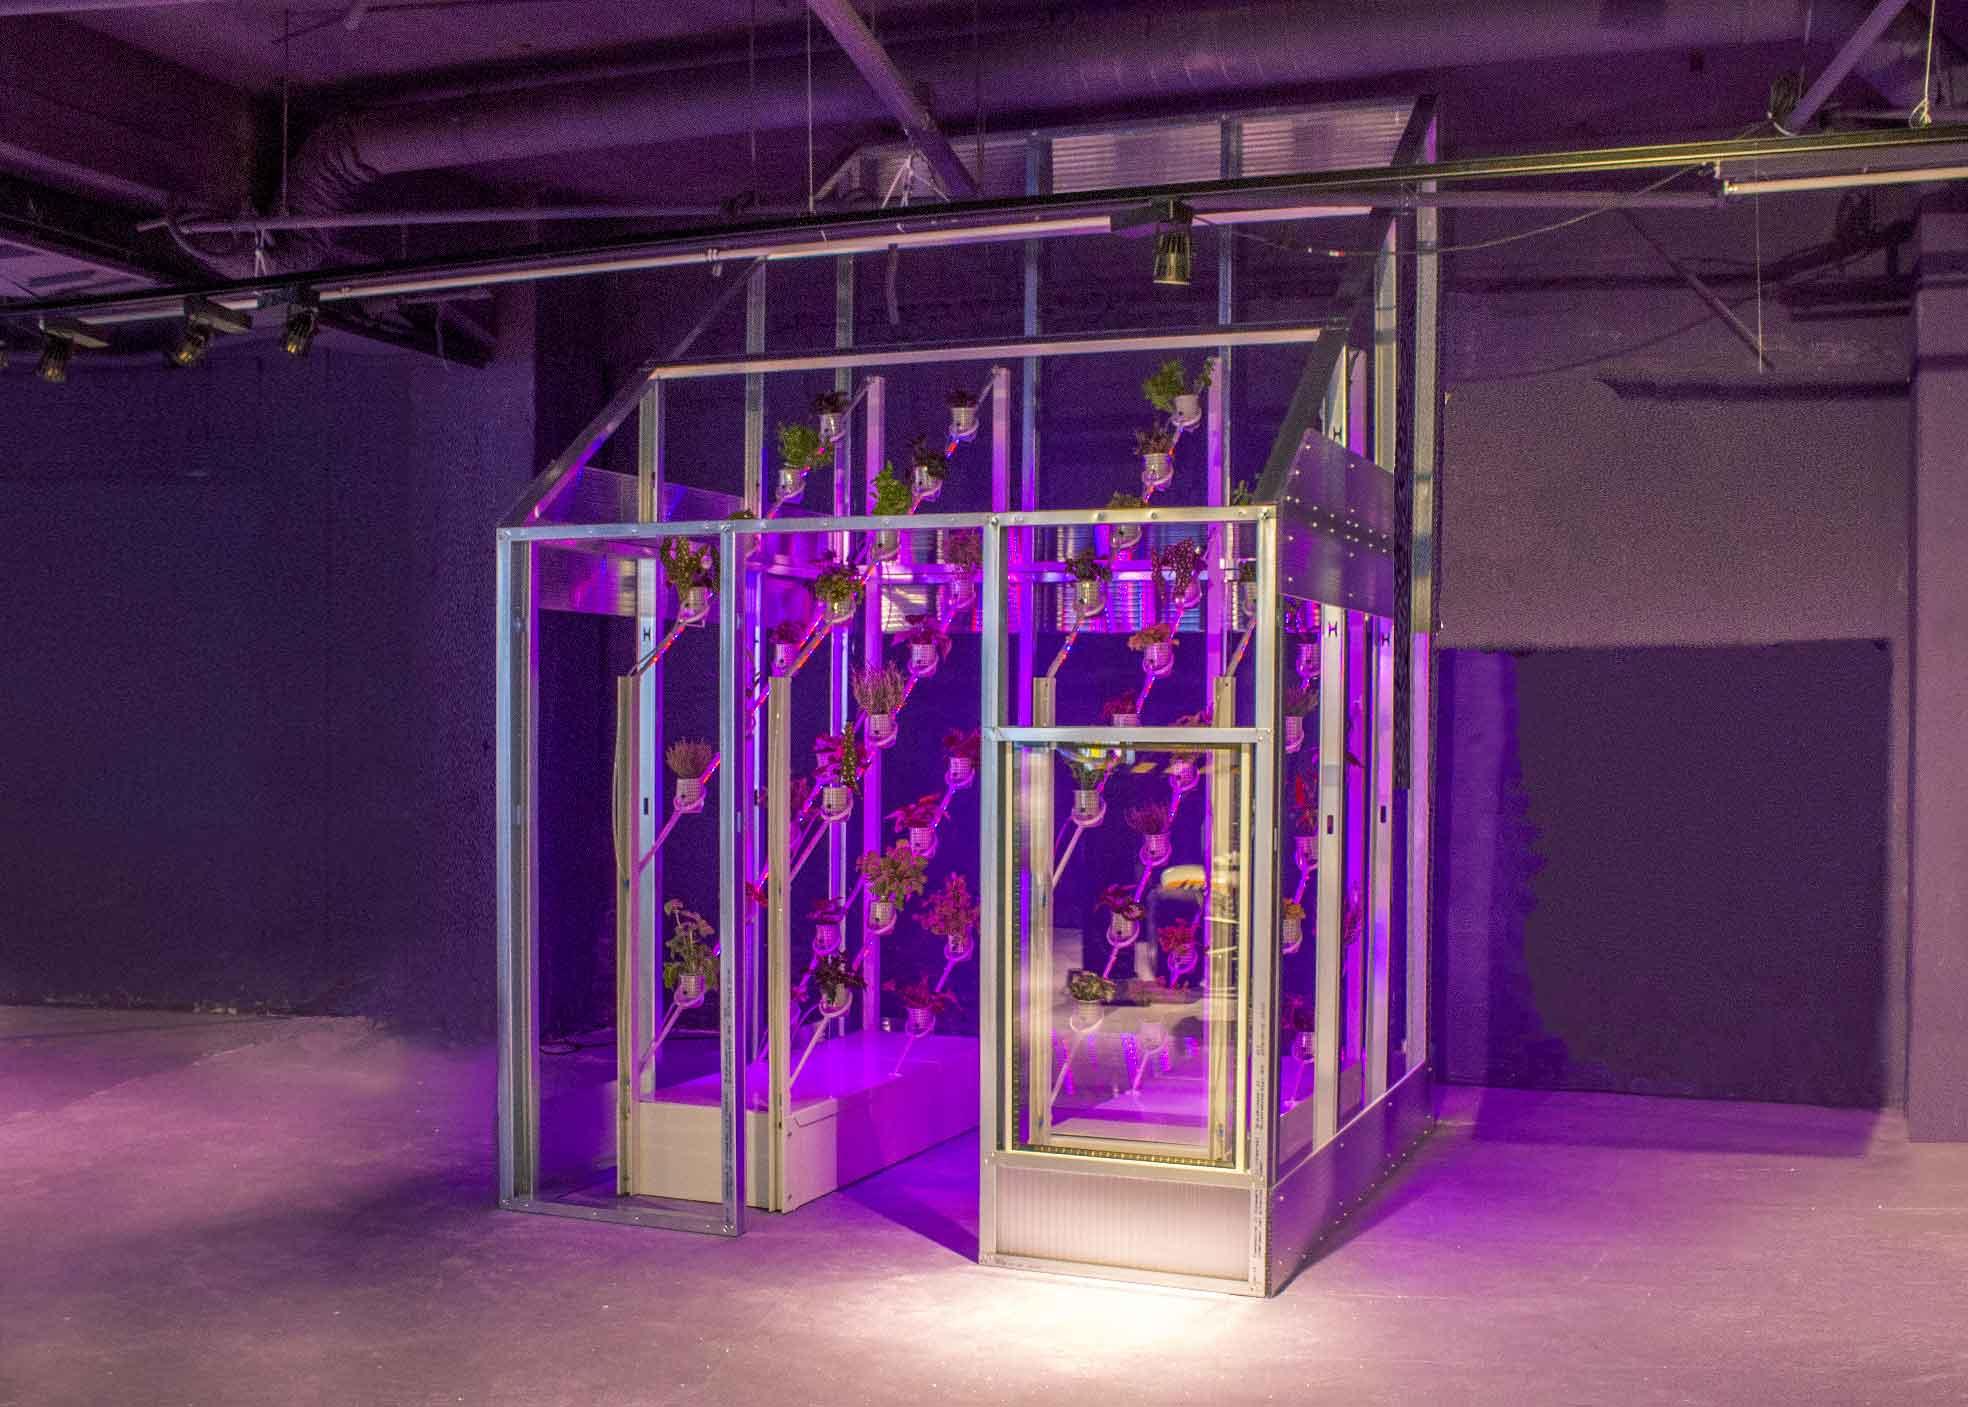 Power-Plant by Marjan van Aubel